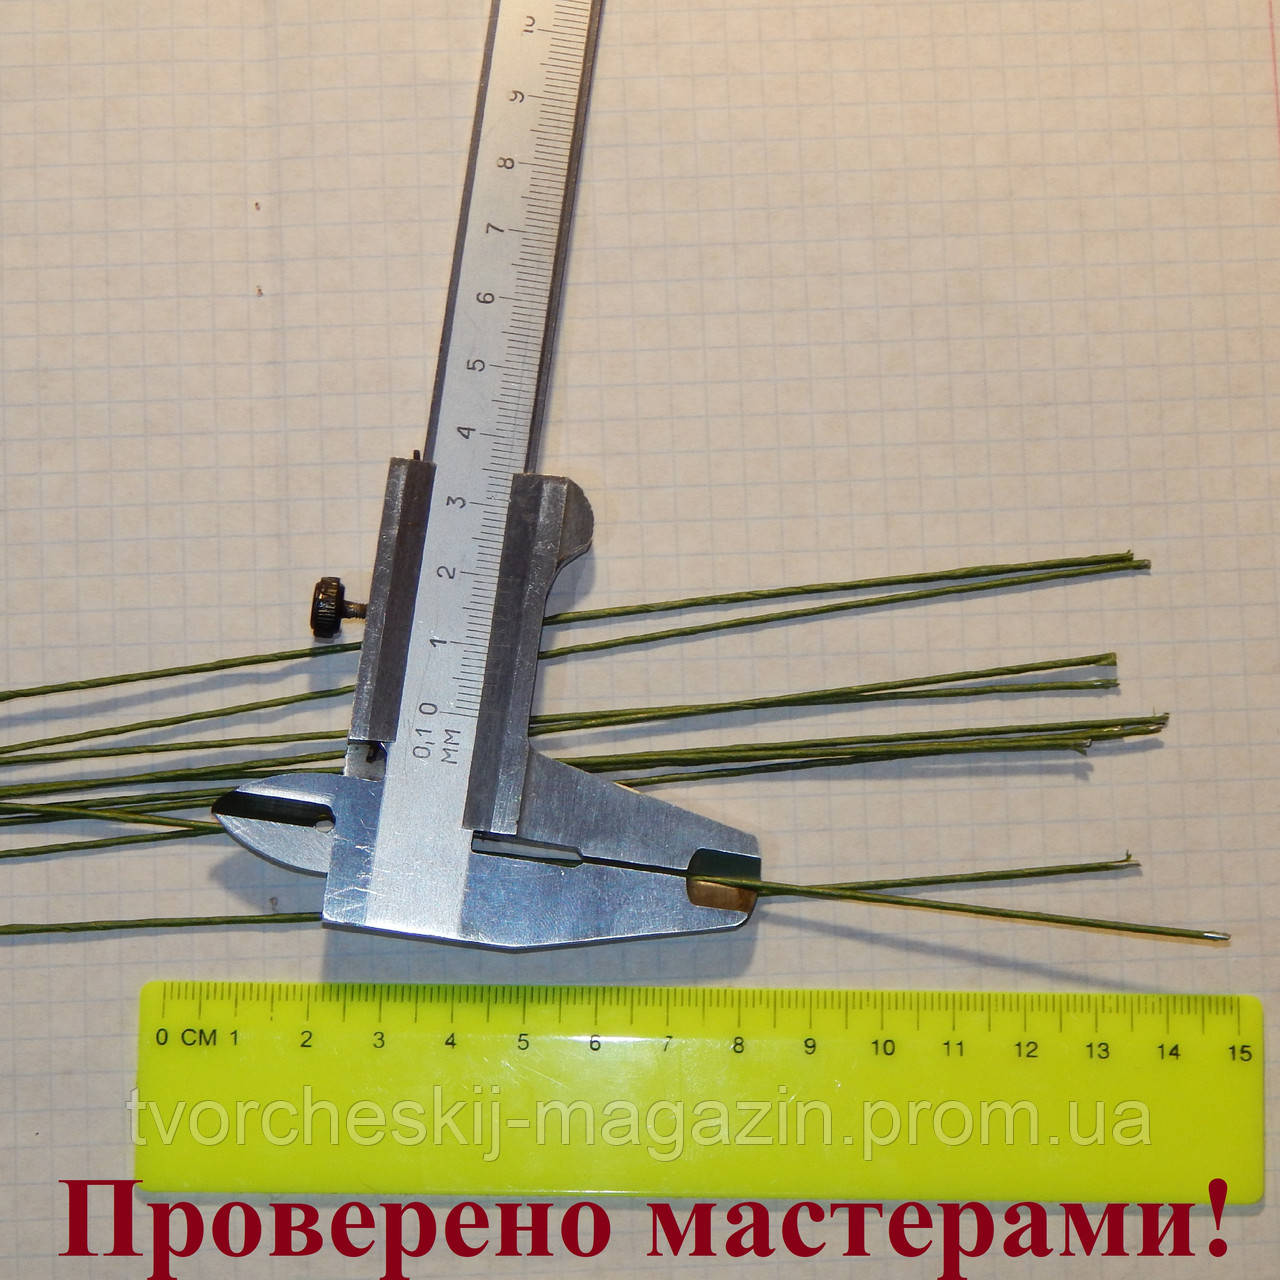 Флористическая проволока в бумажной обмотке (оплетке) зеленая, 0,8 мм, 63 см, 10 шт. №20